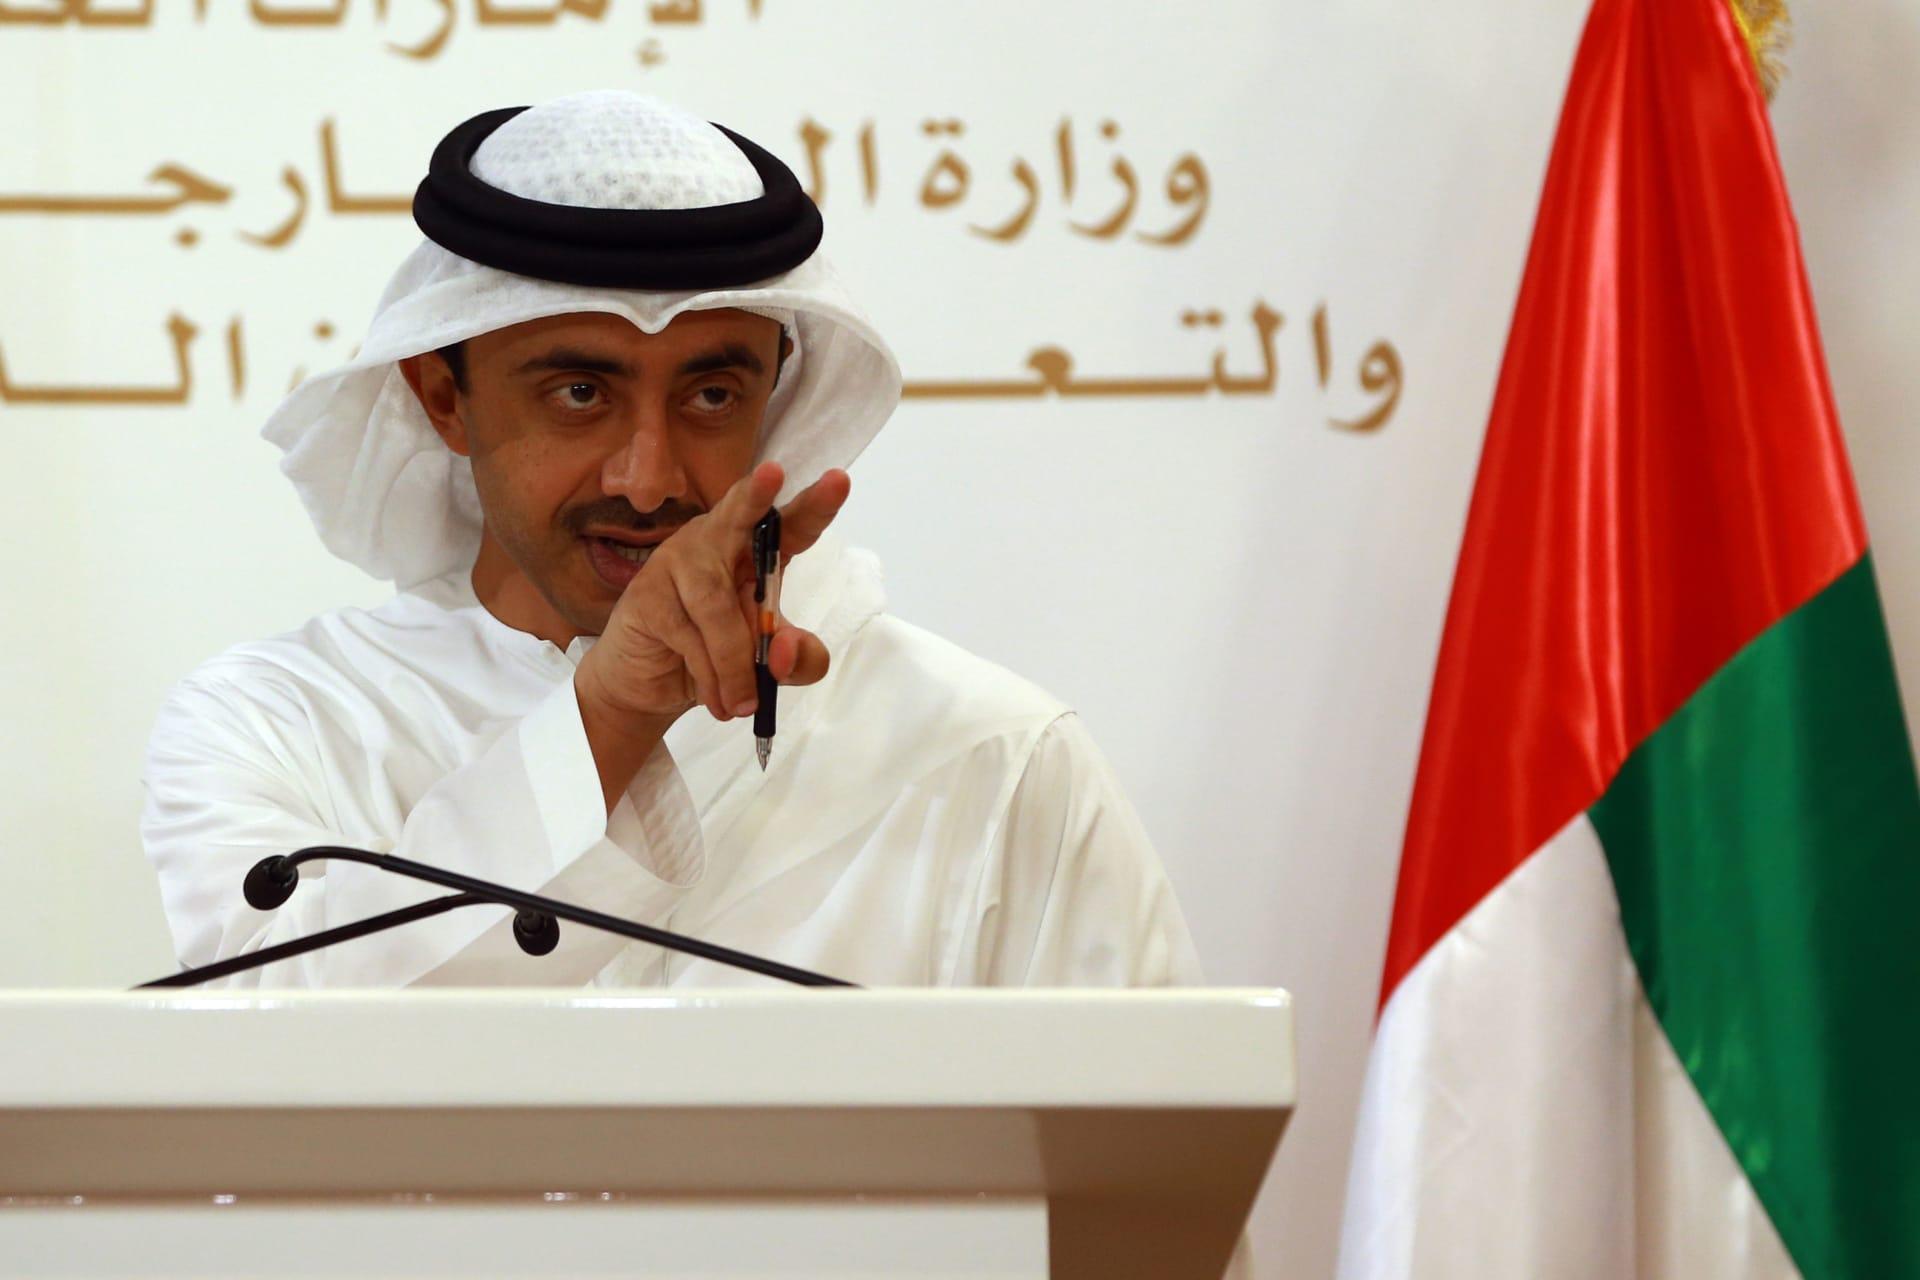 عبدالله بن زايد: نقف بجانب الفلسطينيين.. وندعو إيران لمراجعة سياساتها